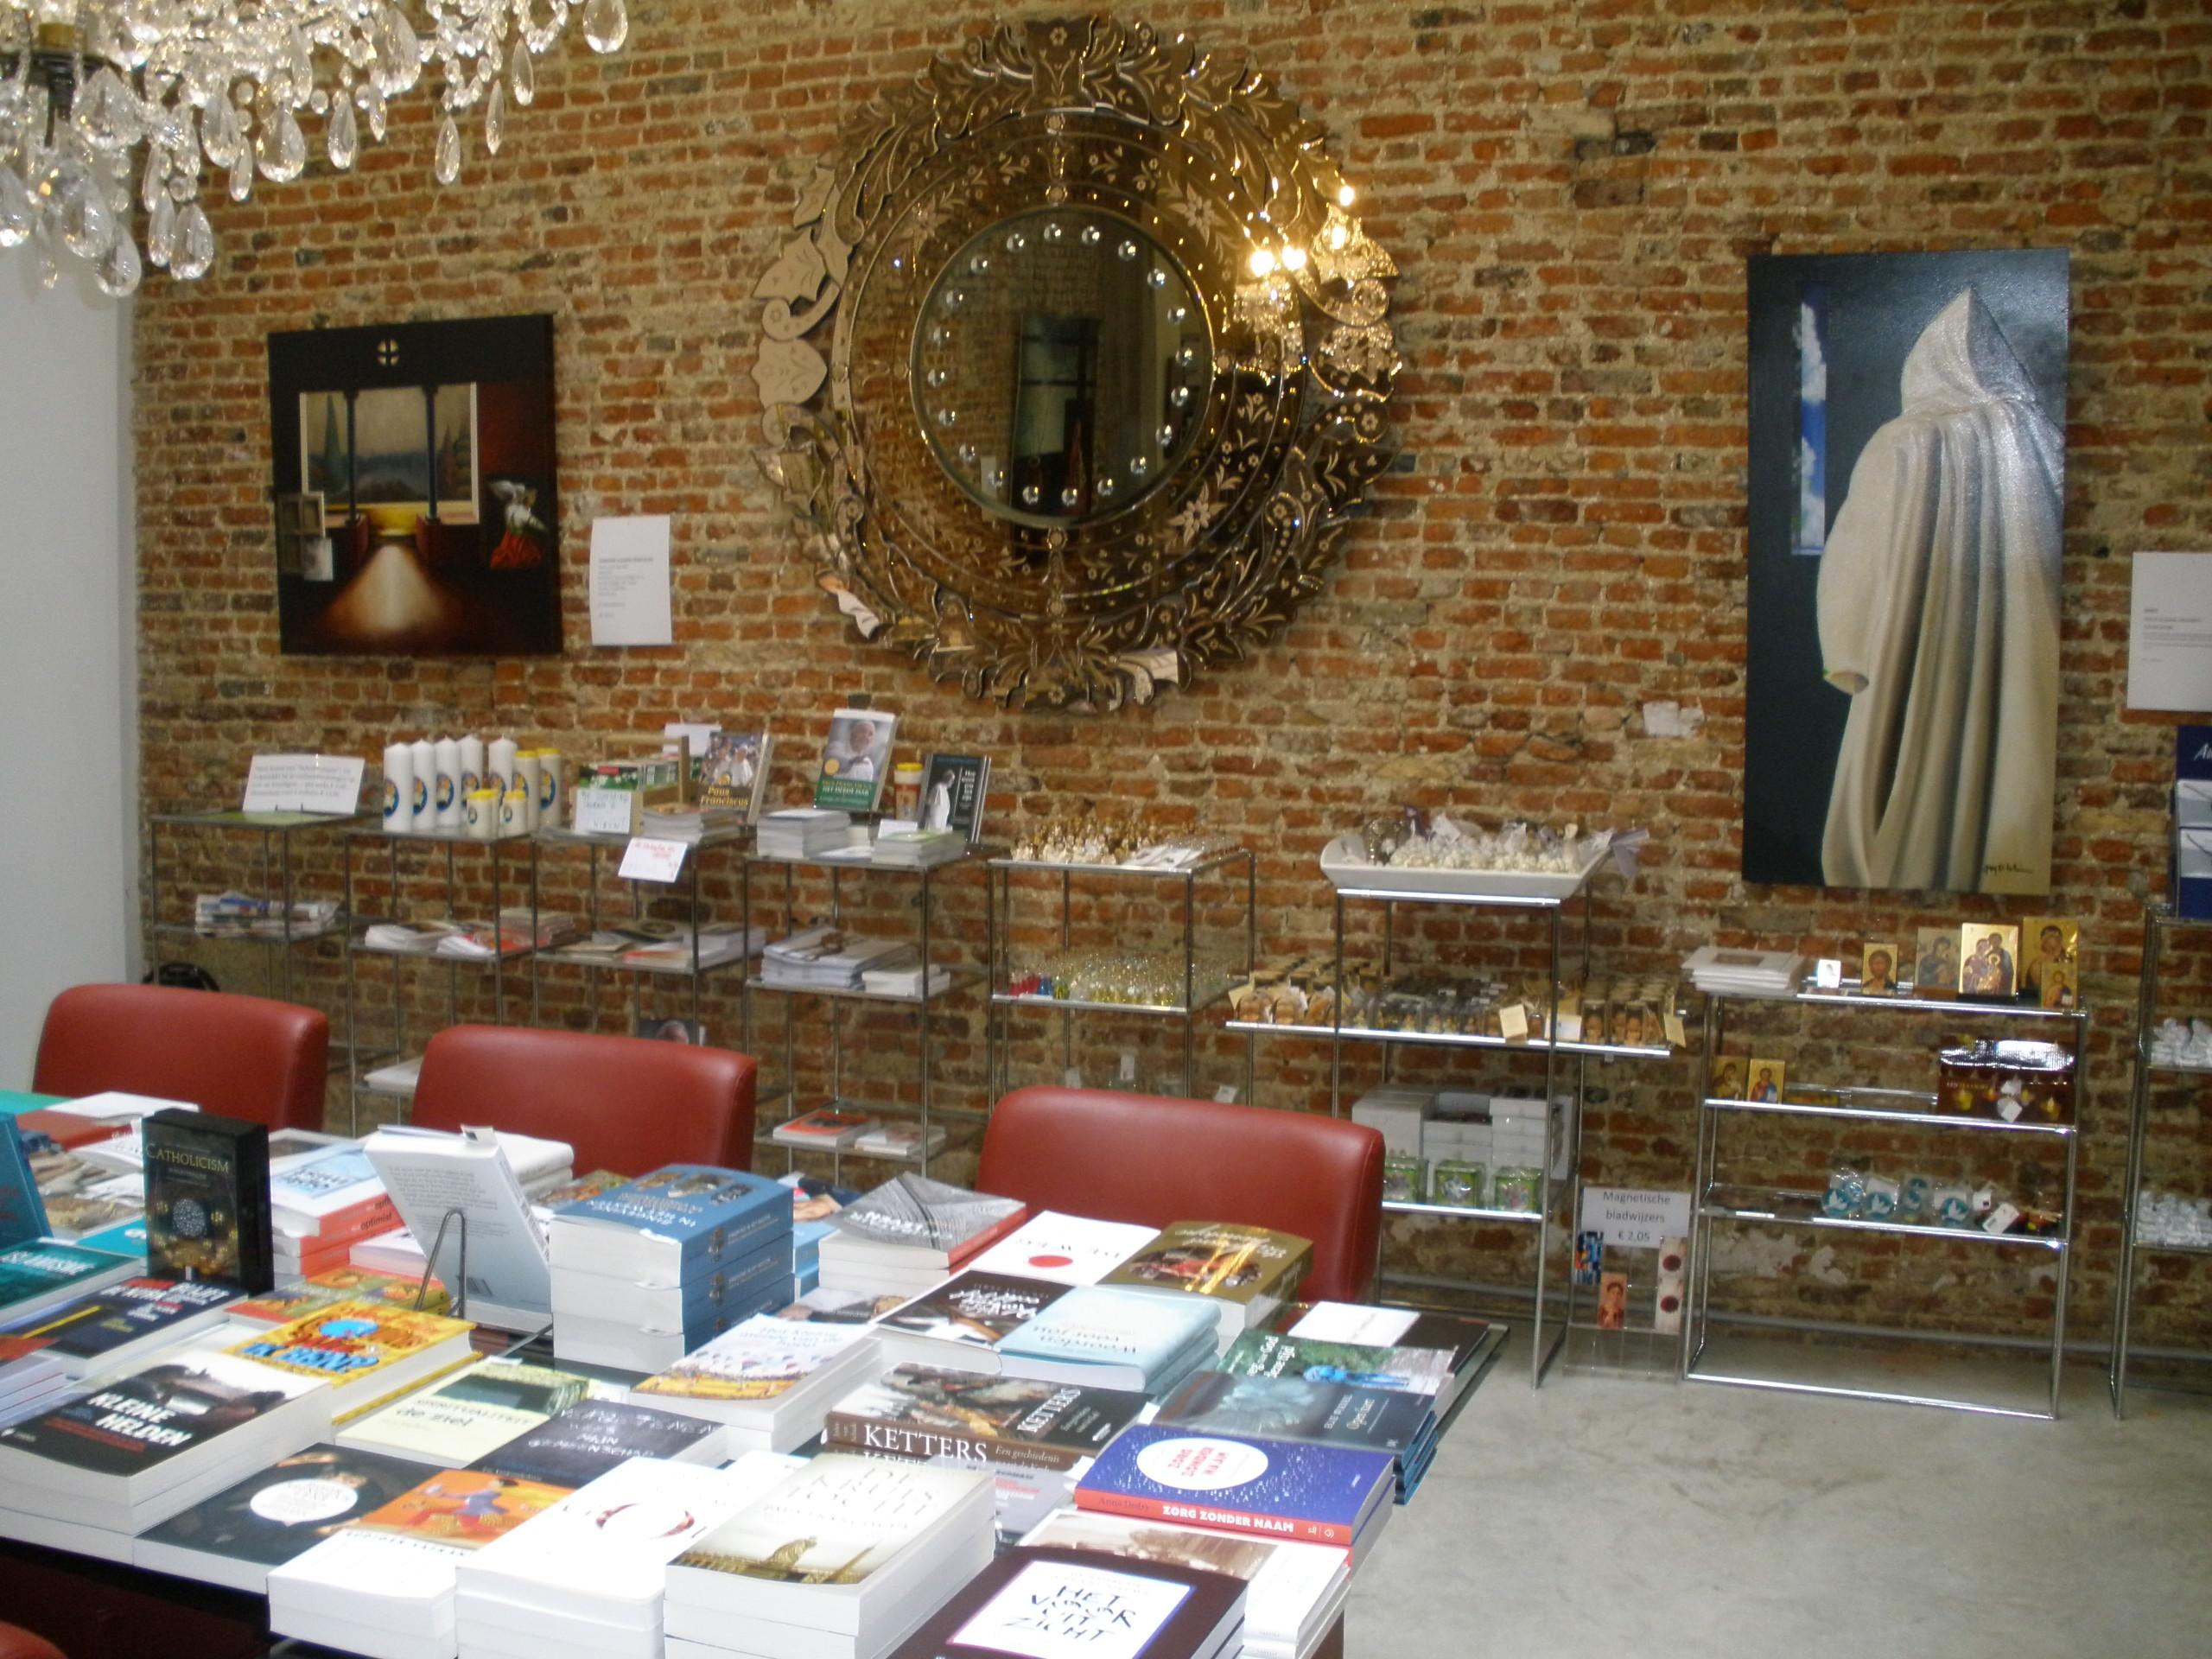 Liturgisch centrum De Drie Leliën, Antwerpen